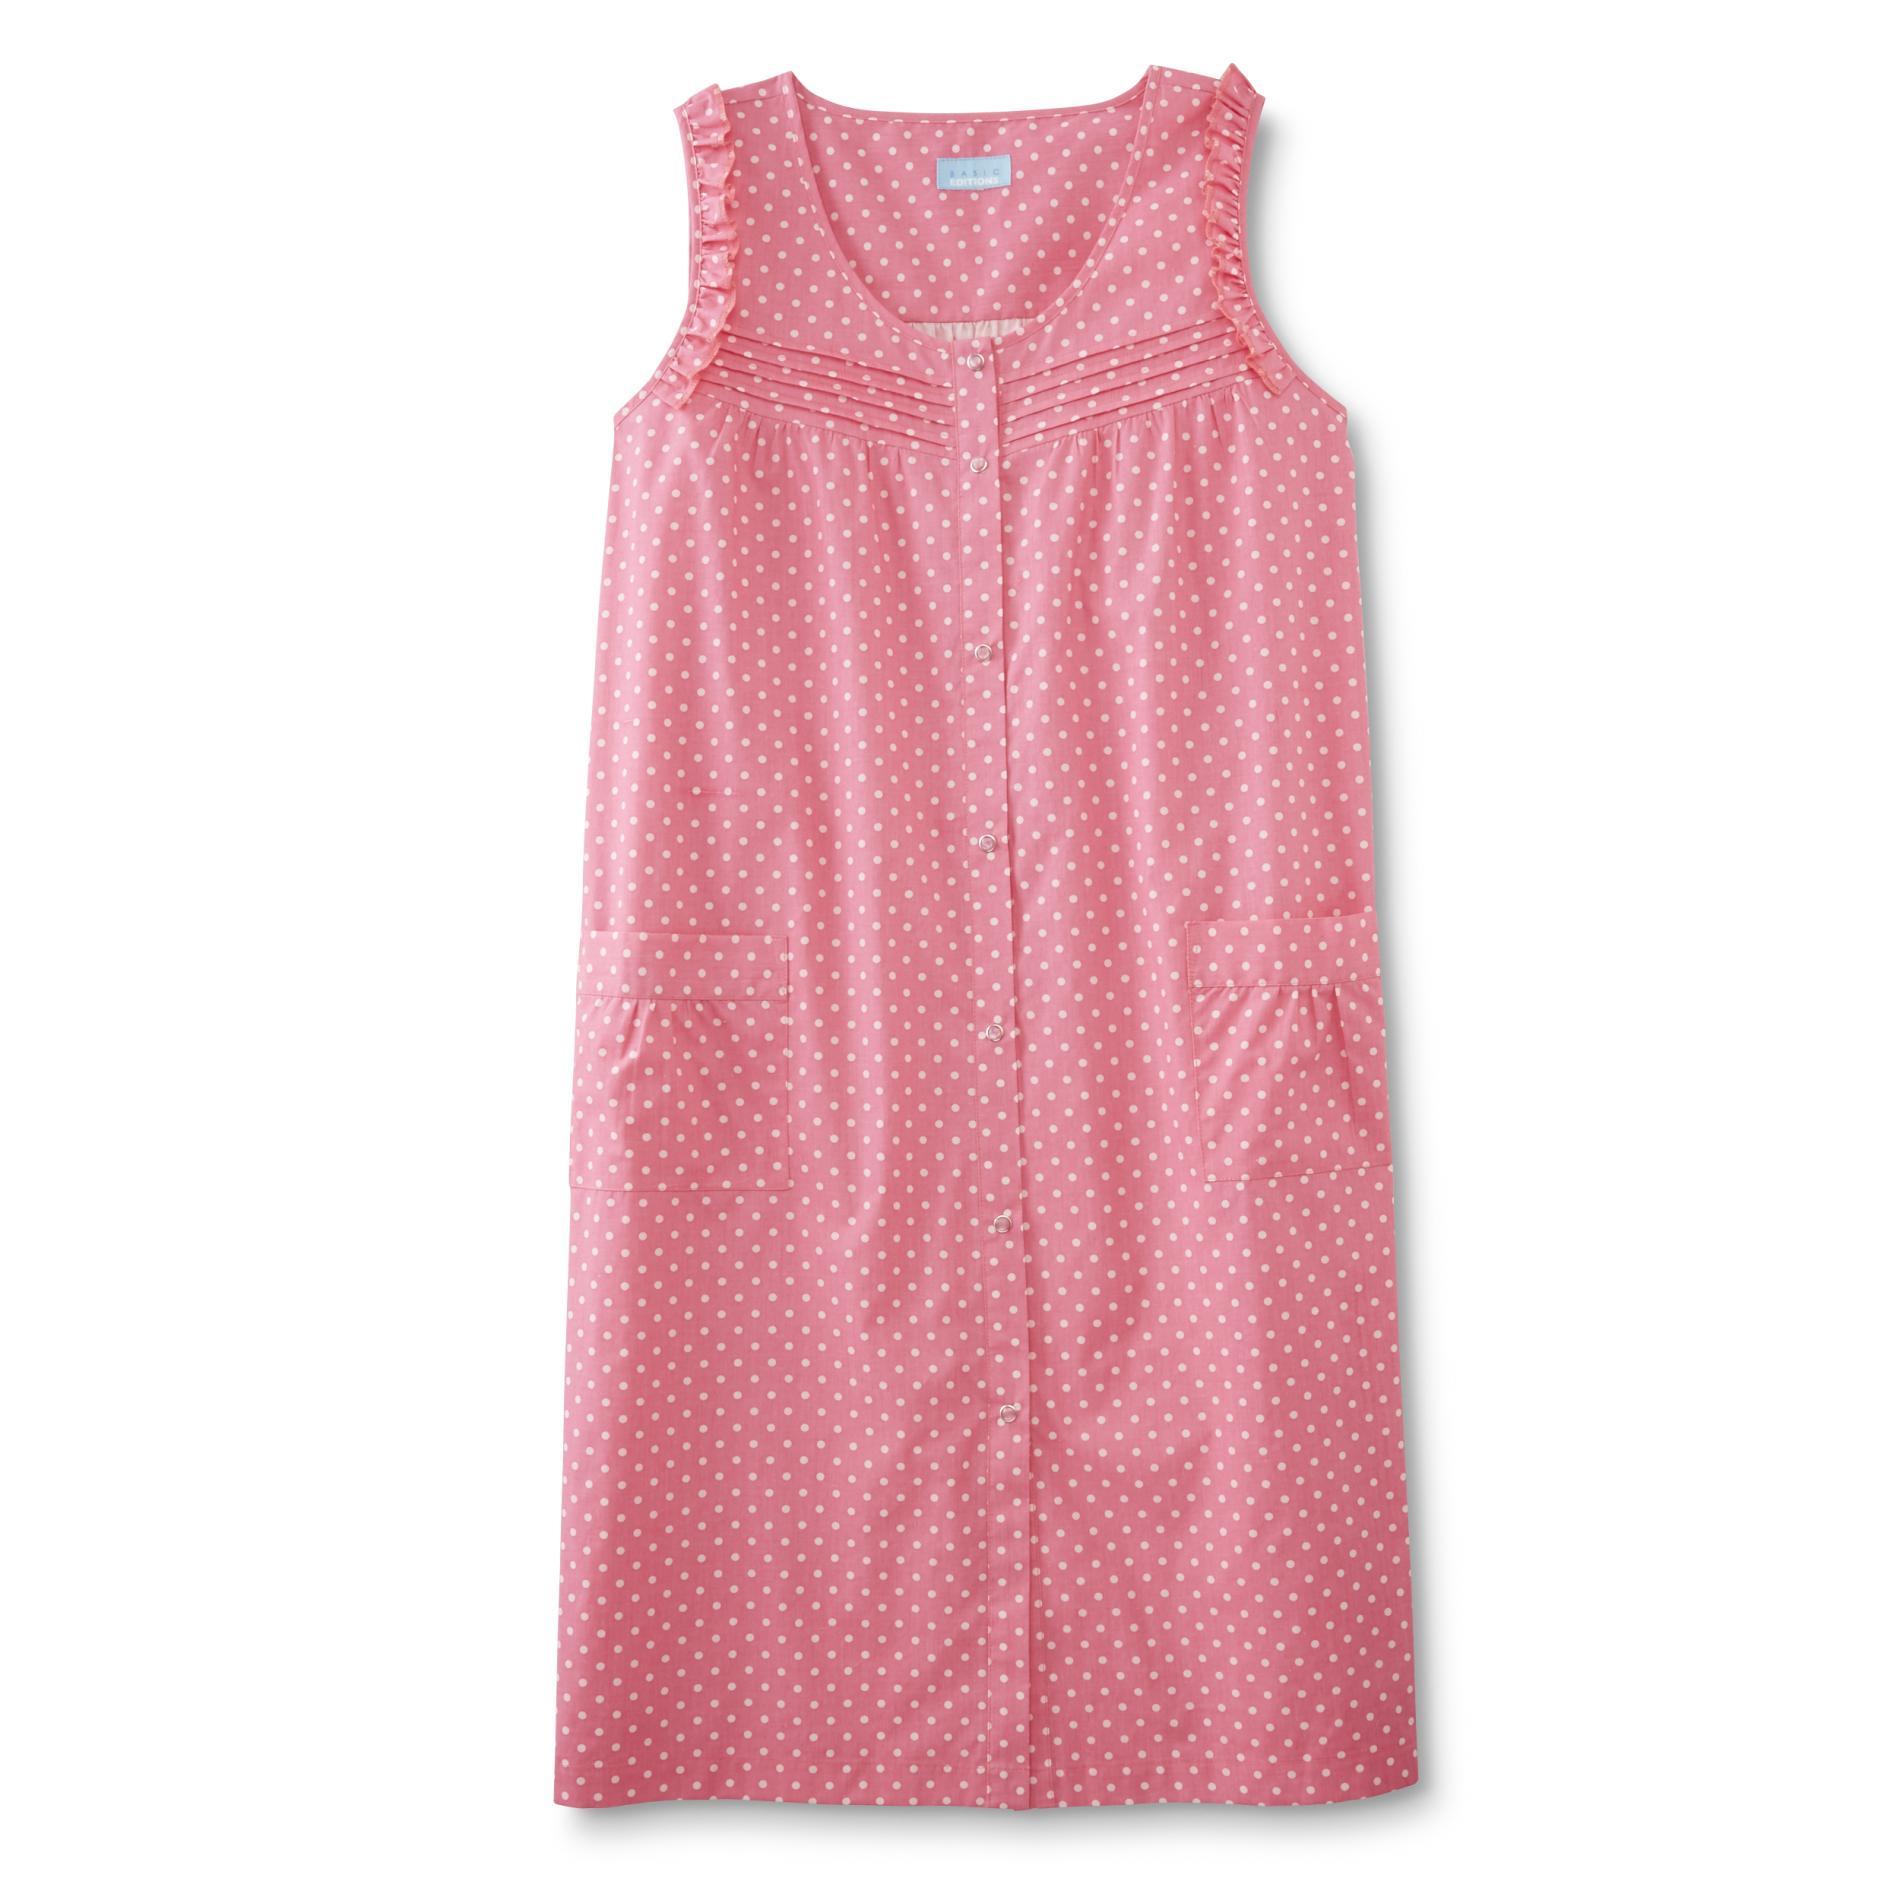 Basic Editions Women39s Plus Sleeveless Lounge Dress Dots